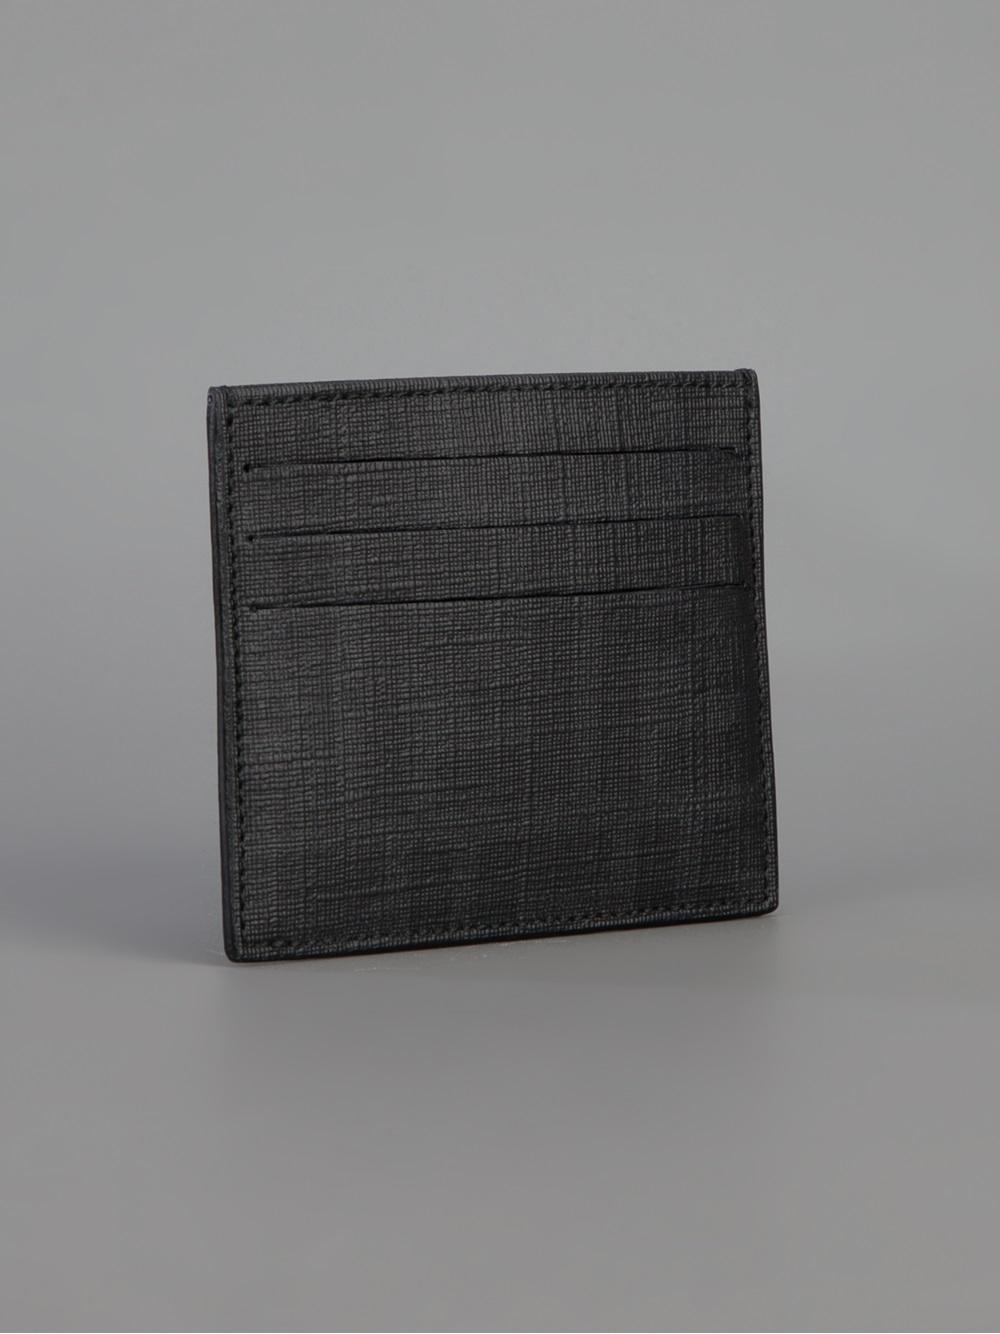 Lyst - Fendi Zucca Card Holder in Black for Men